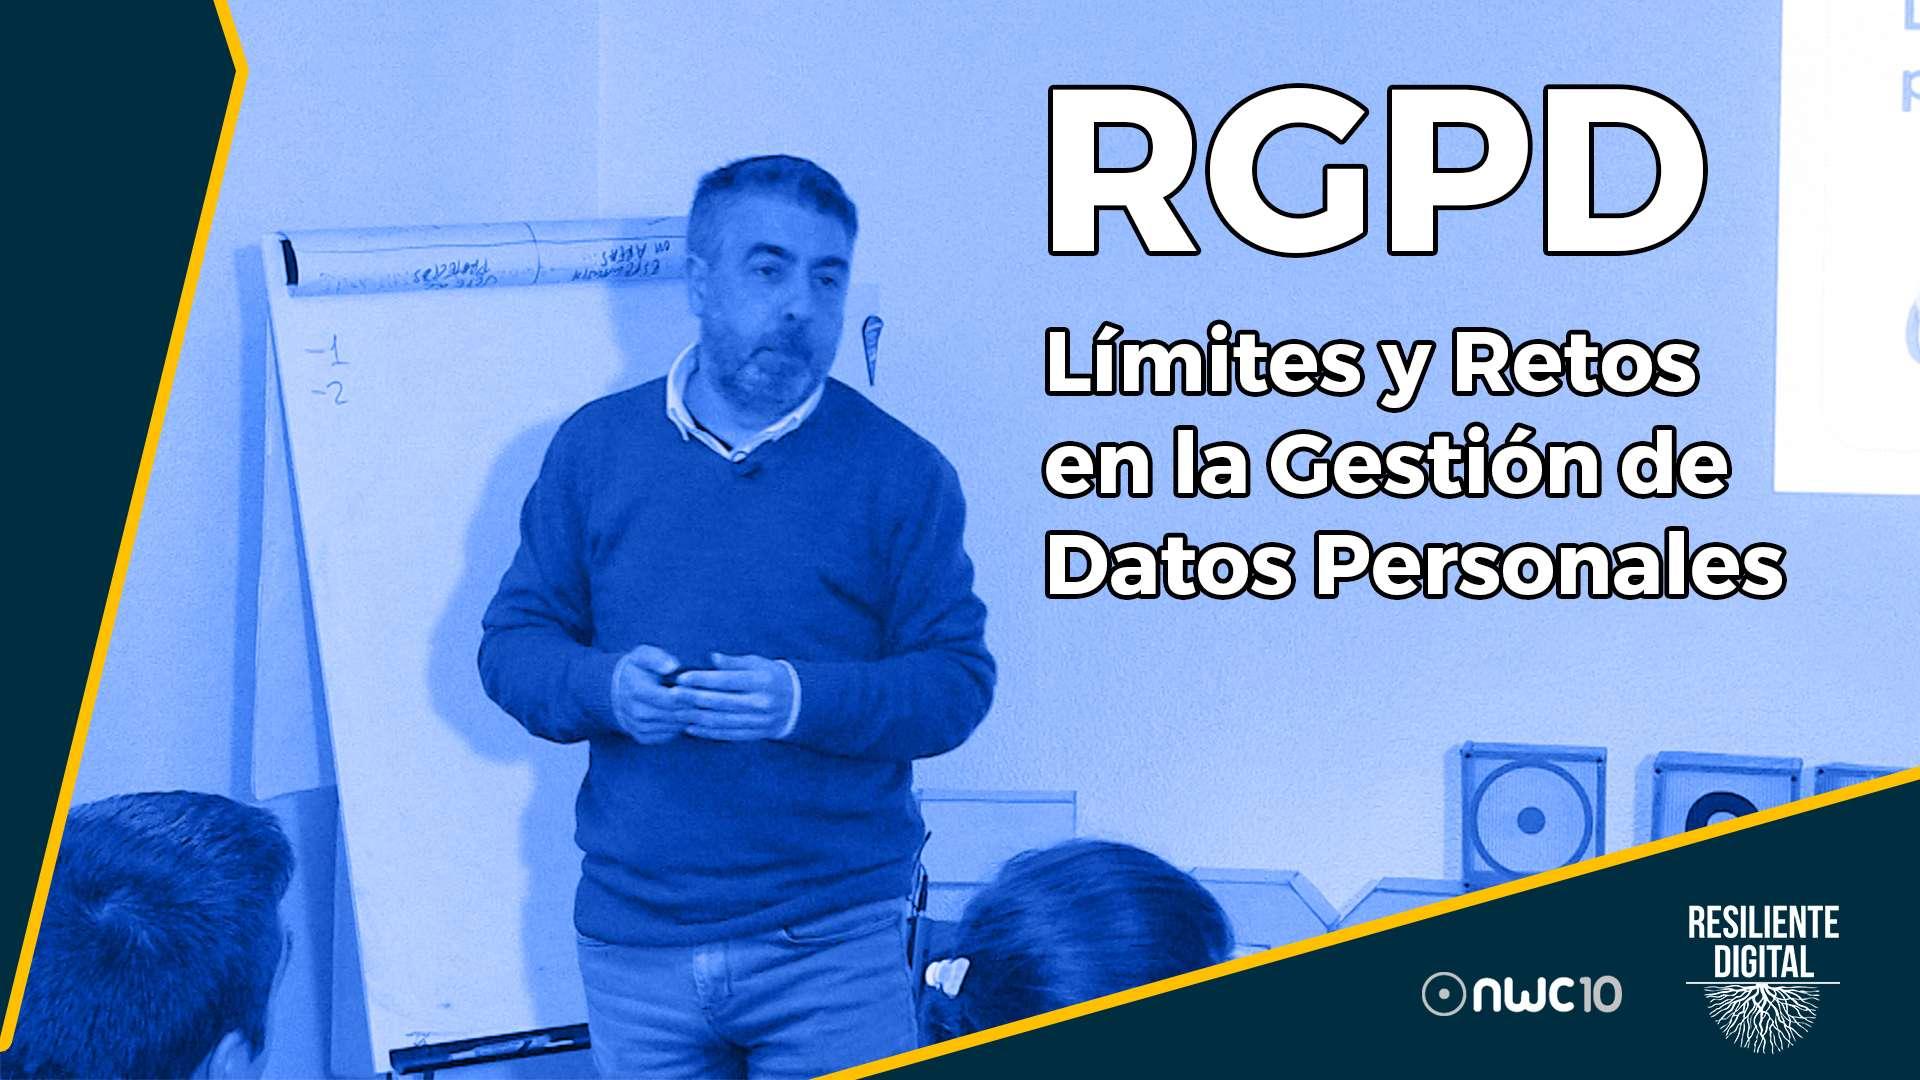 RGPD – Límites y Retos en la Gestión de Datos Personales